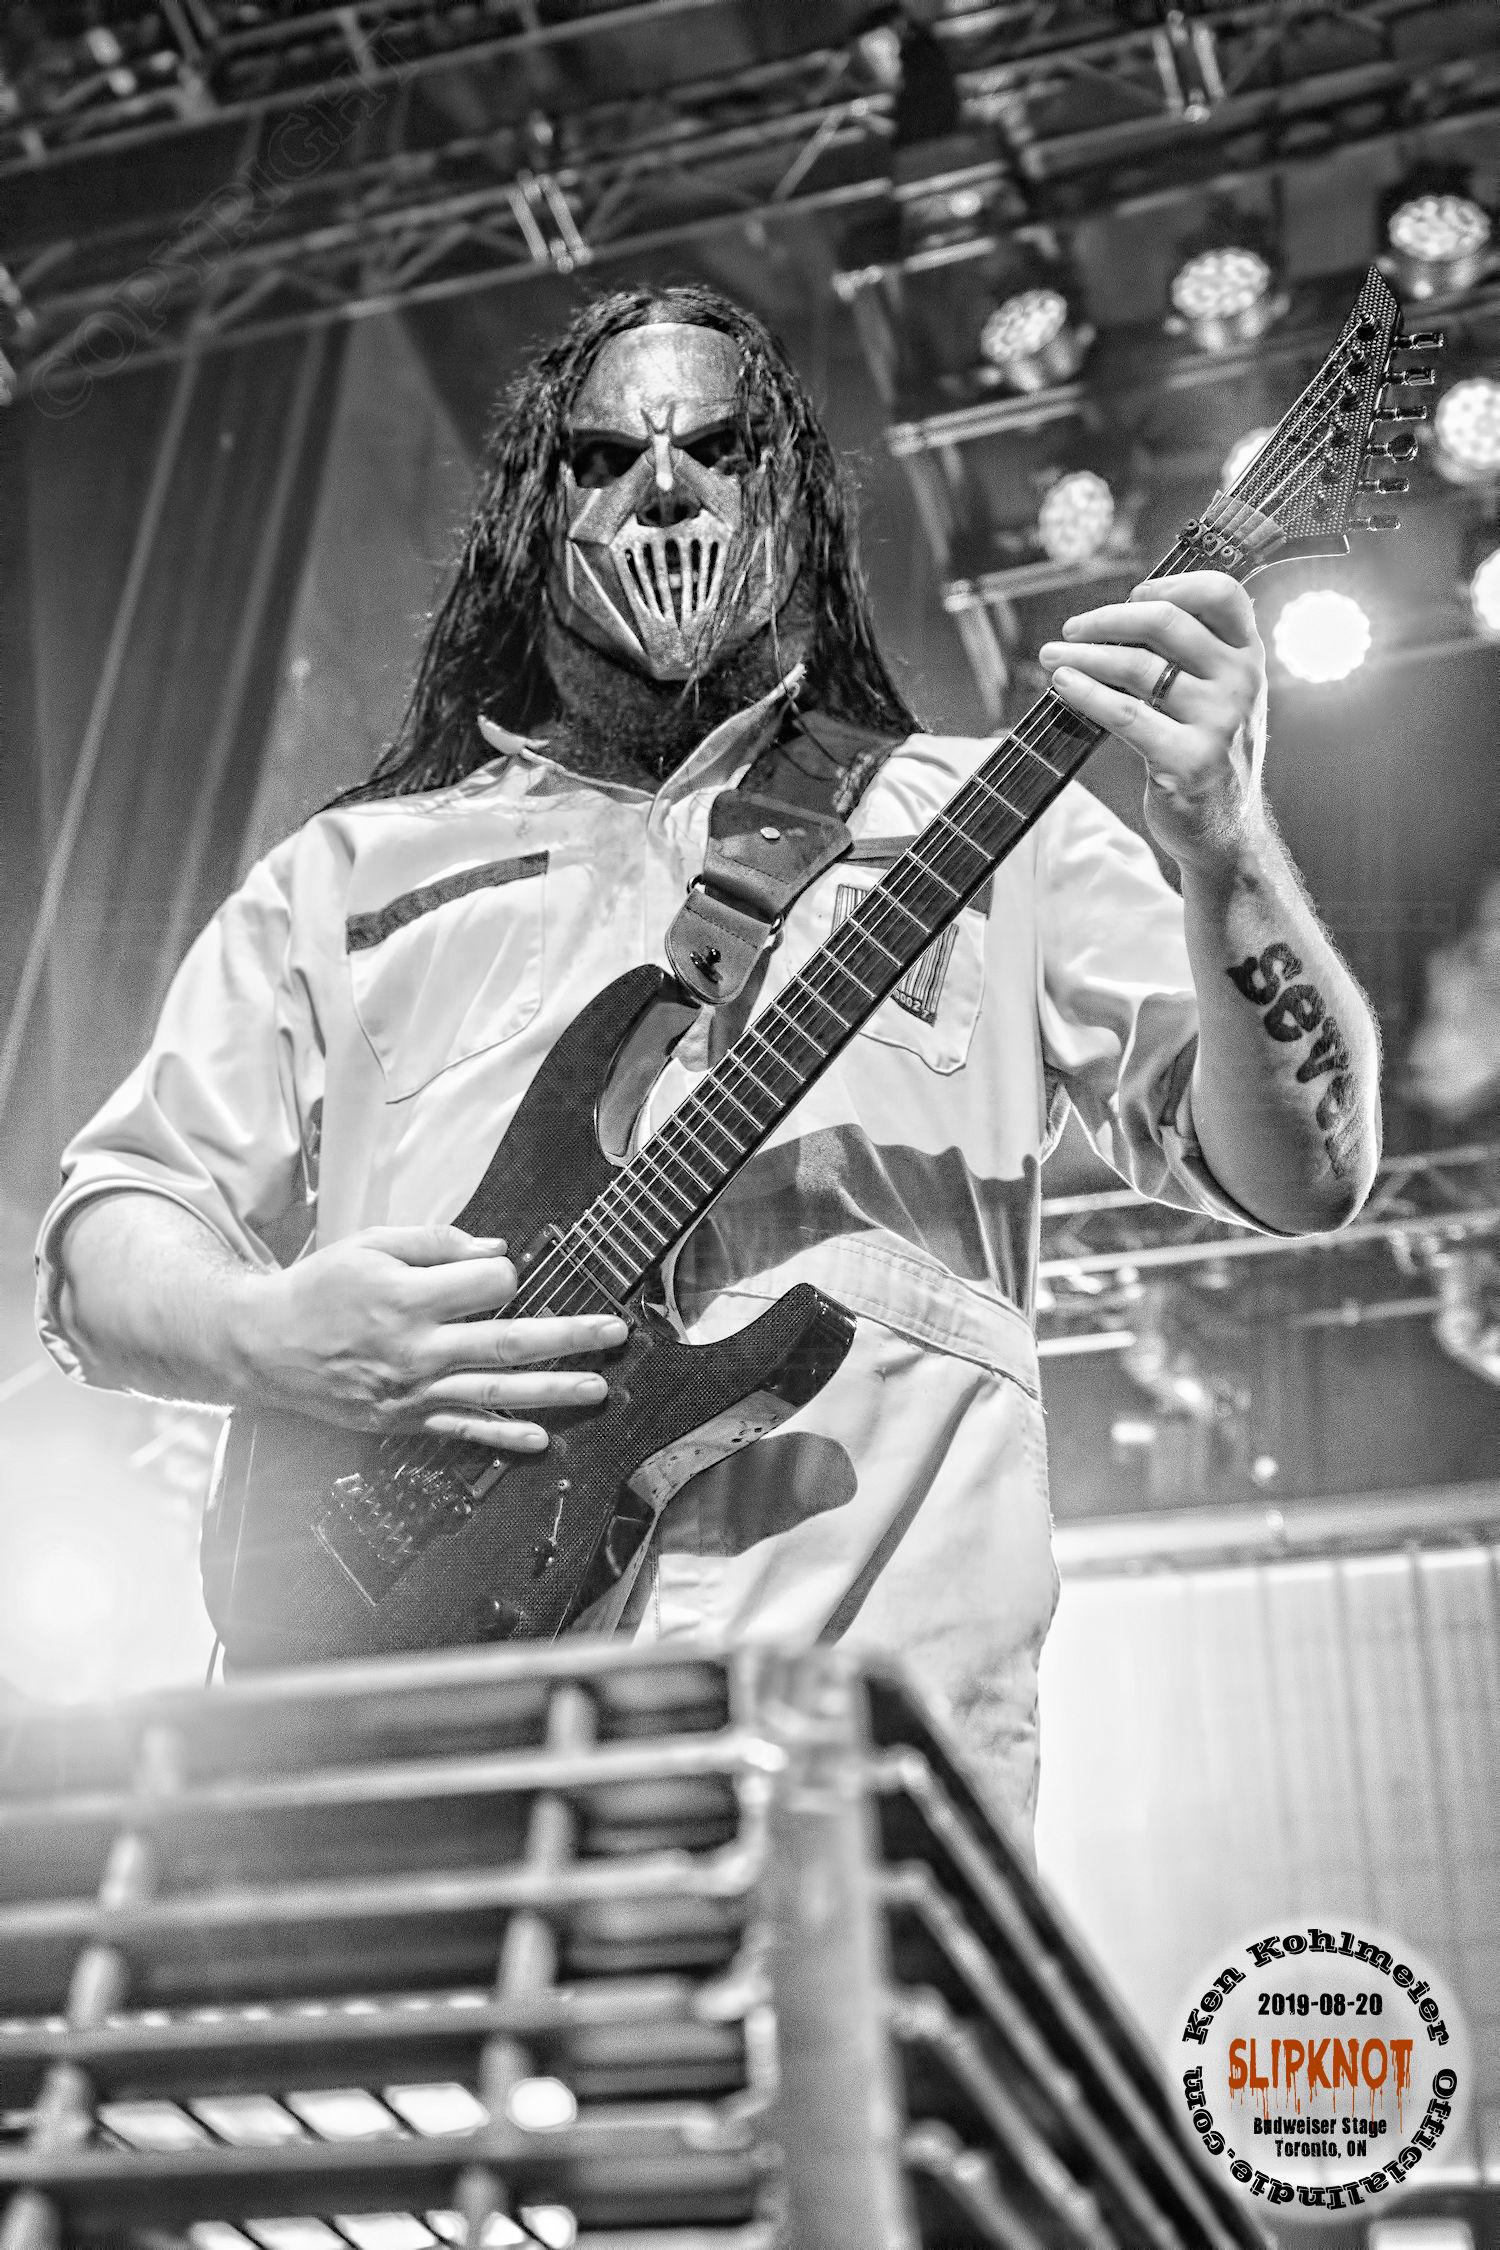 Slipknot012